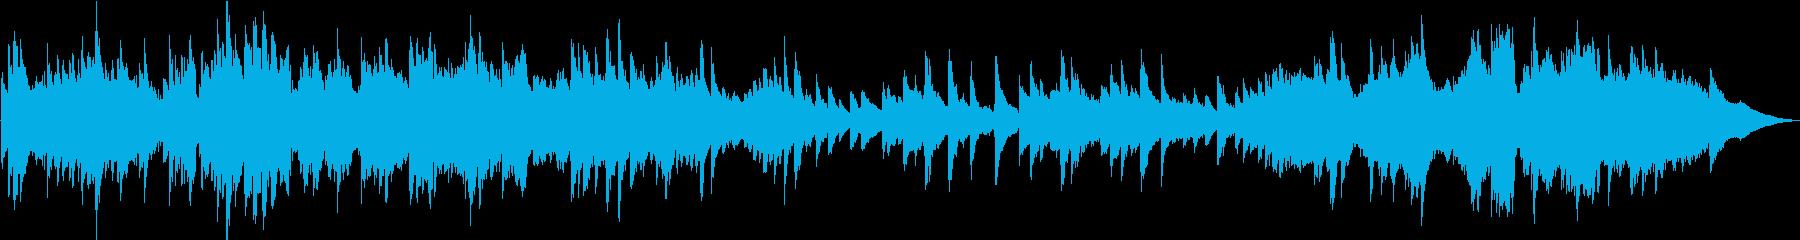 緊張感のあるピアノ曲の再生済みの波形